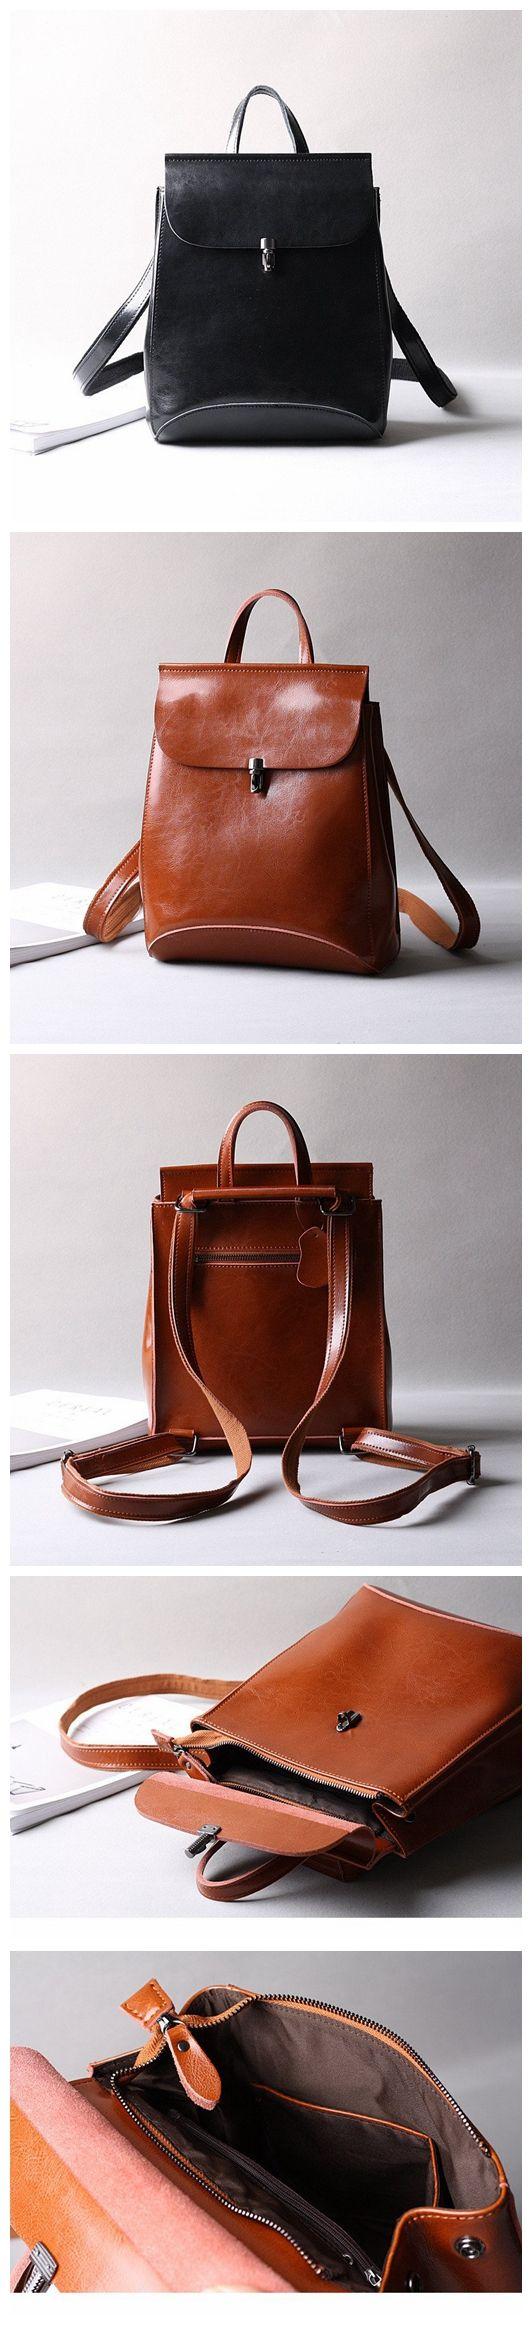 Women Leather Rucksack, Retro Shoulder Bag, Travel Backpack 9211